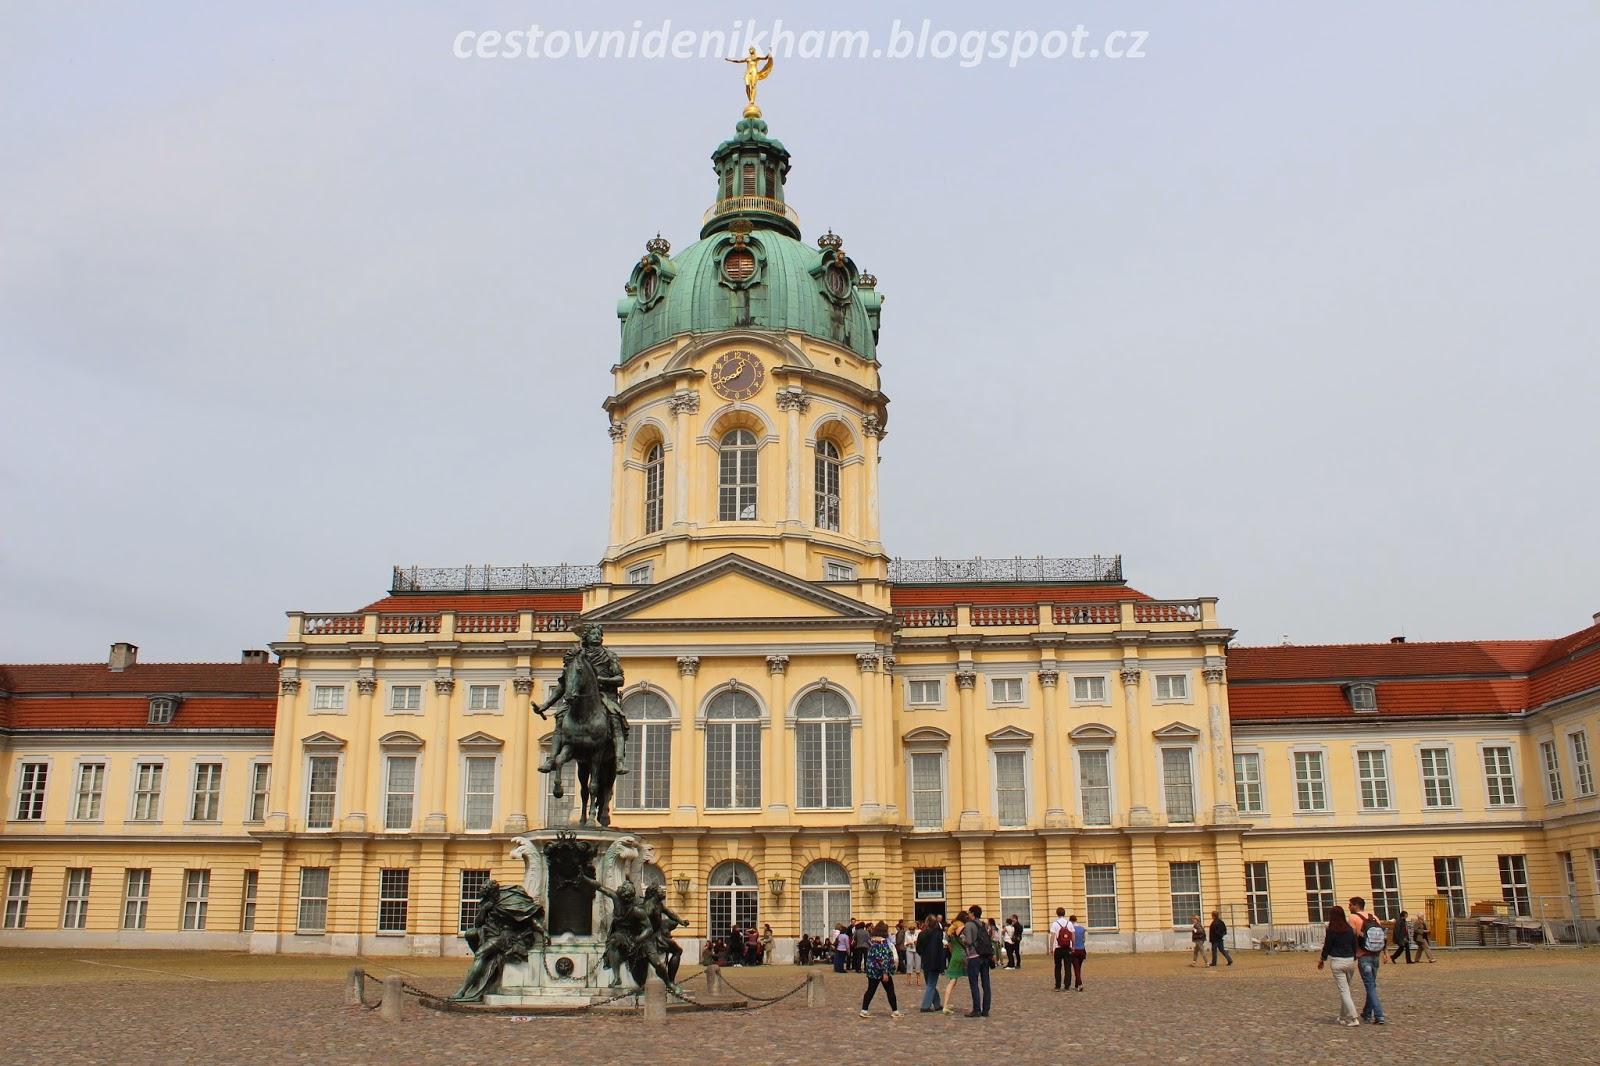 palác Charlottenburg // Charlottenburg palace